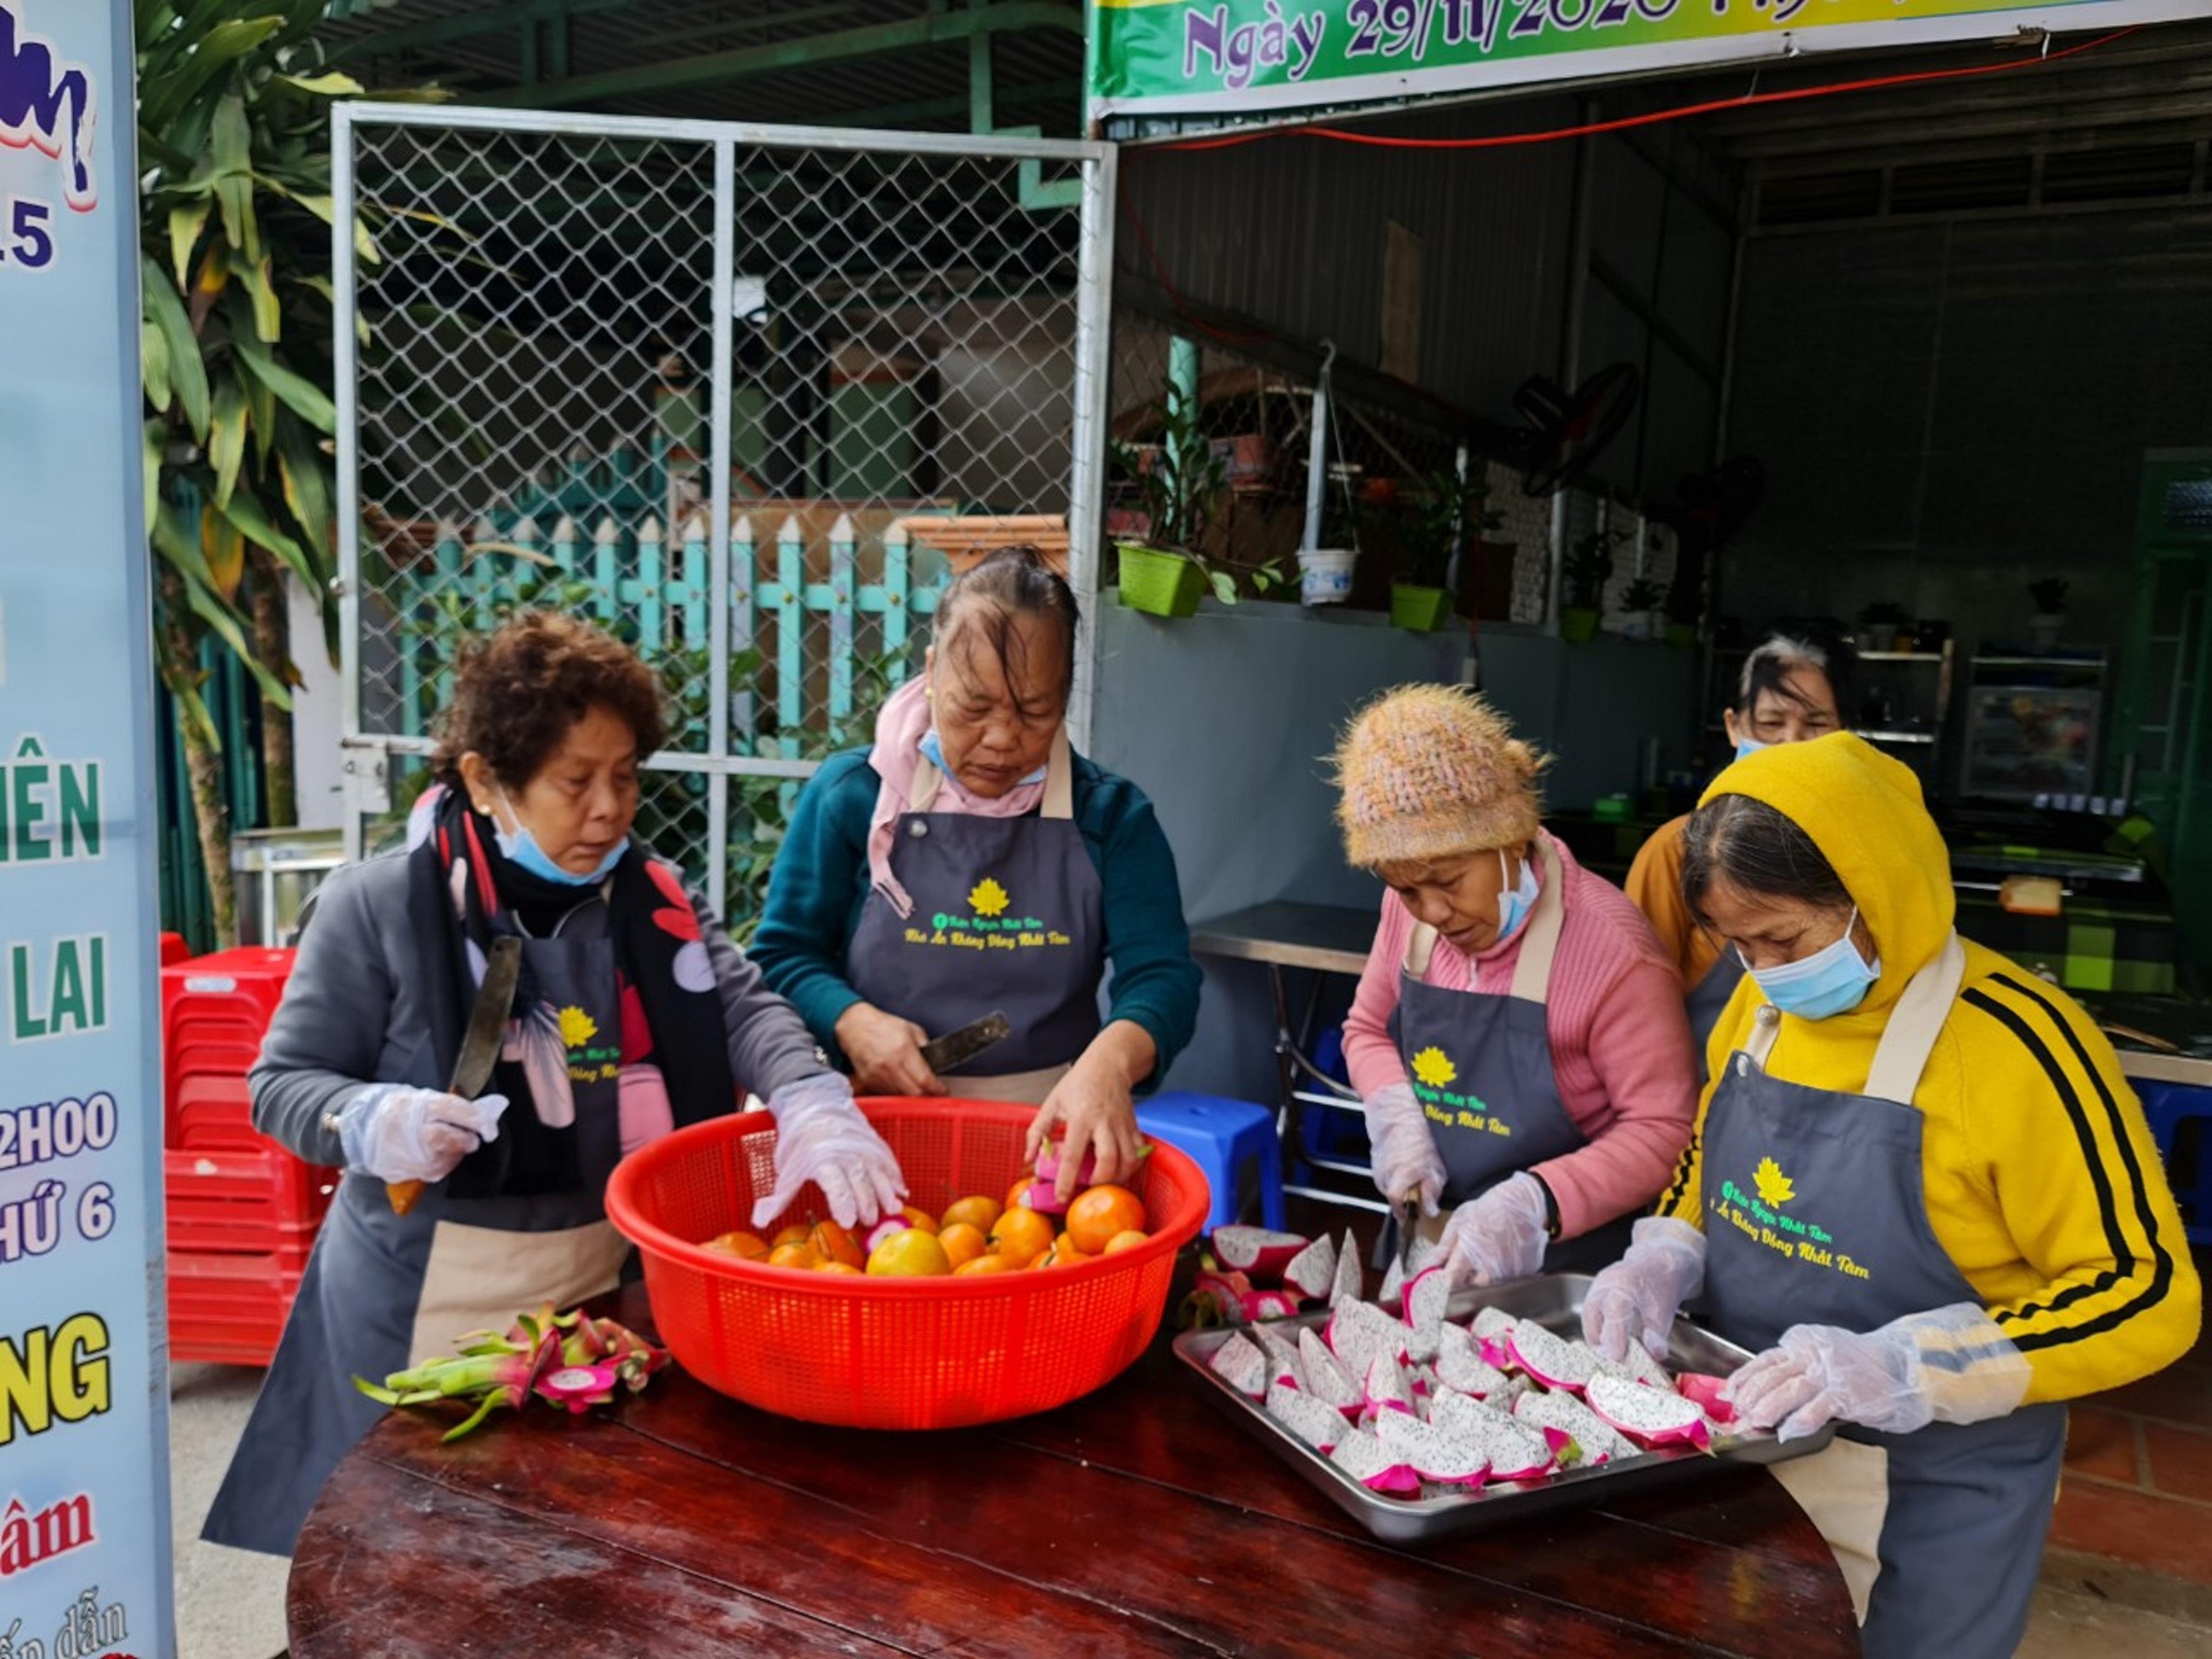 Các tình nguyện viên chuẩn bị trái cây cho bữa ăn